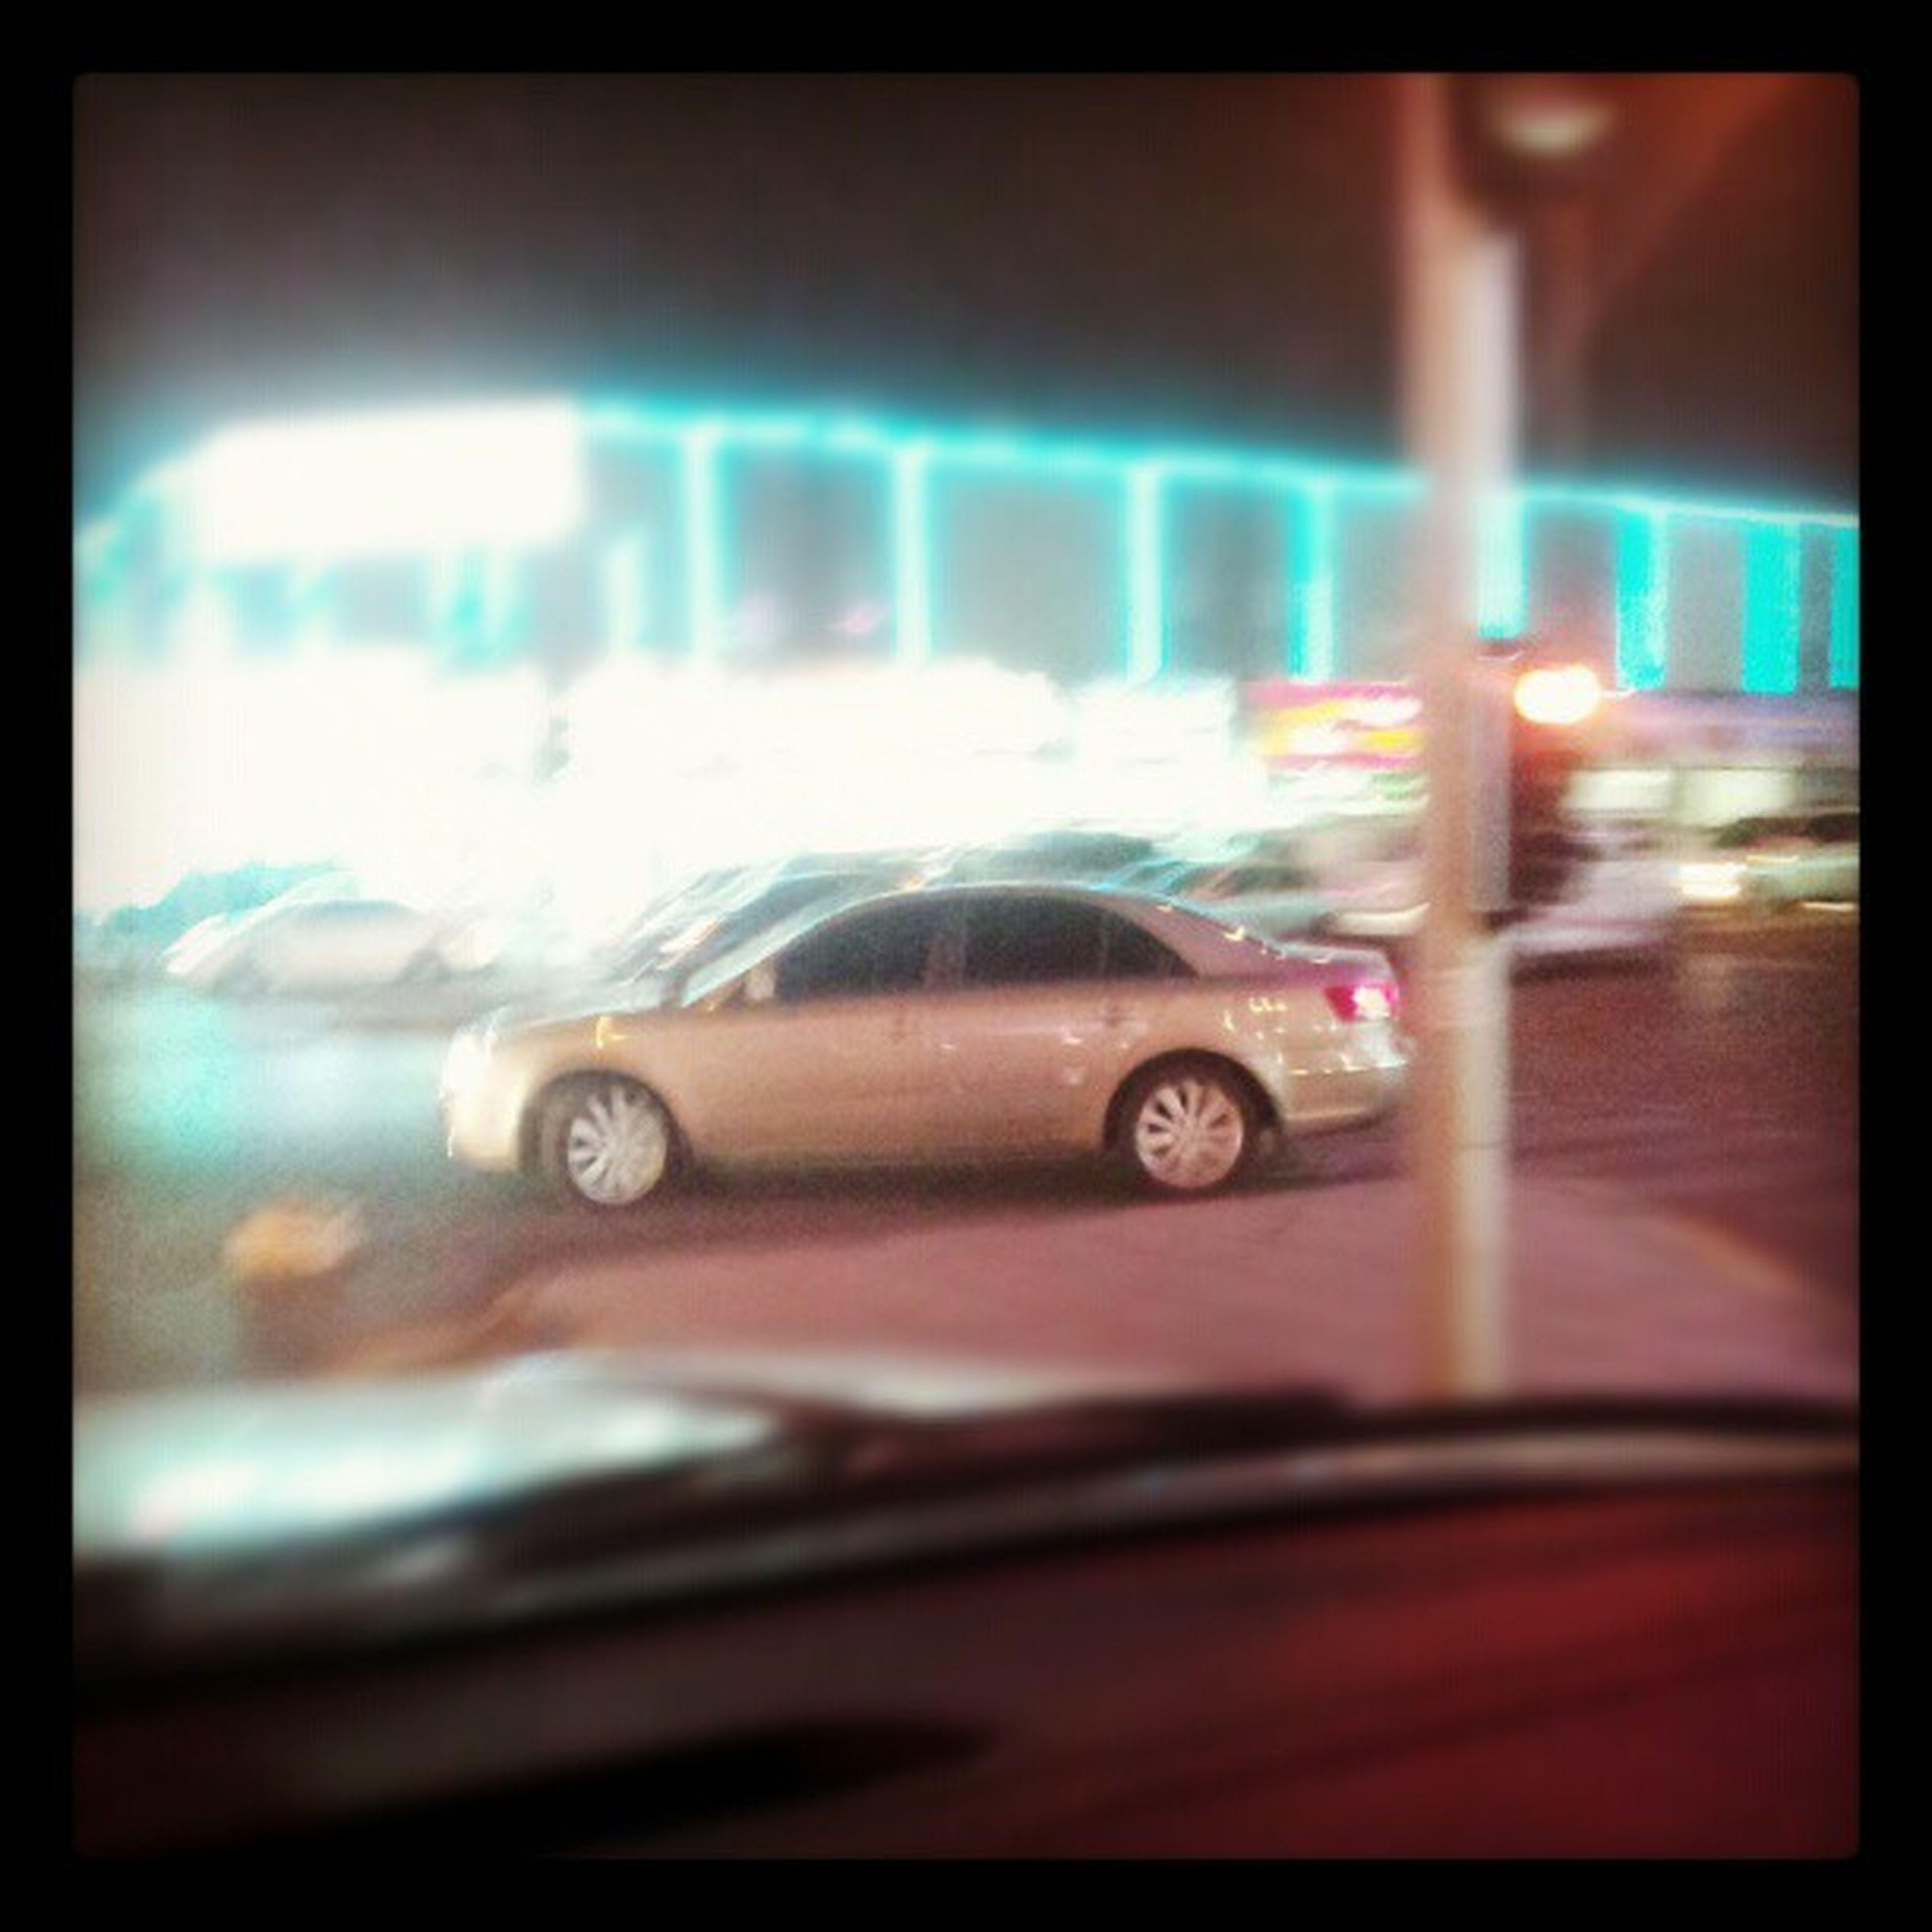 مخالفة سيارة عكس طريق تجاوز الاشارة الحمراء ليل Violation of a car reversed by bypassing red signal night